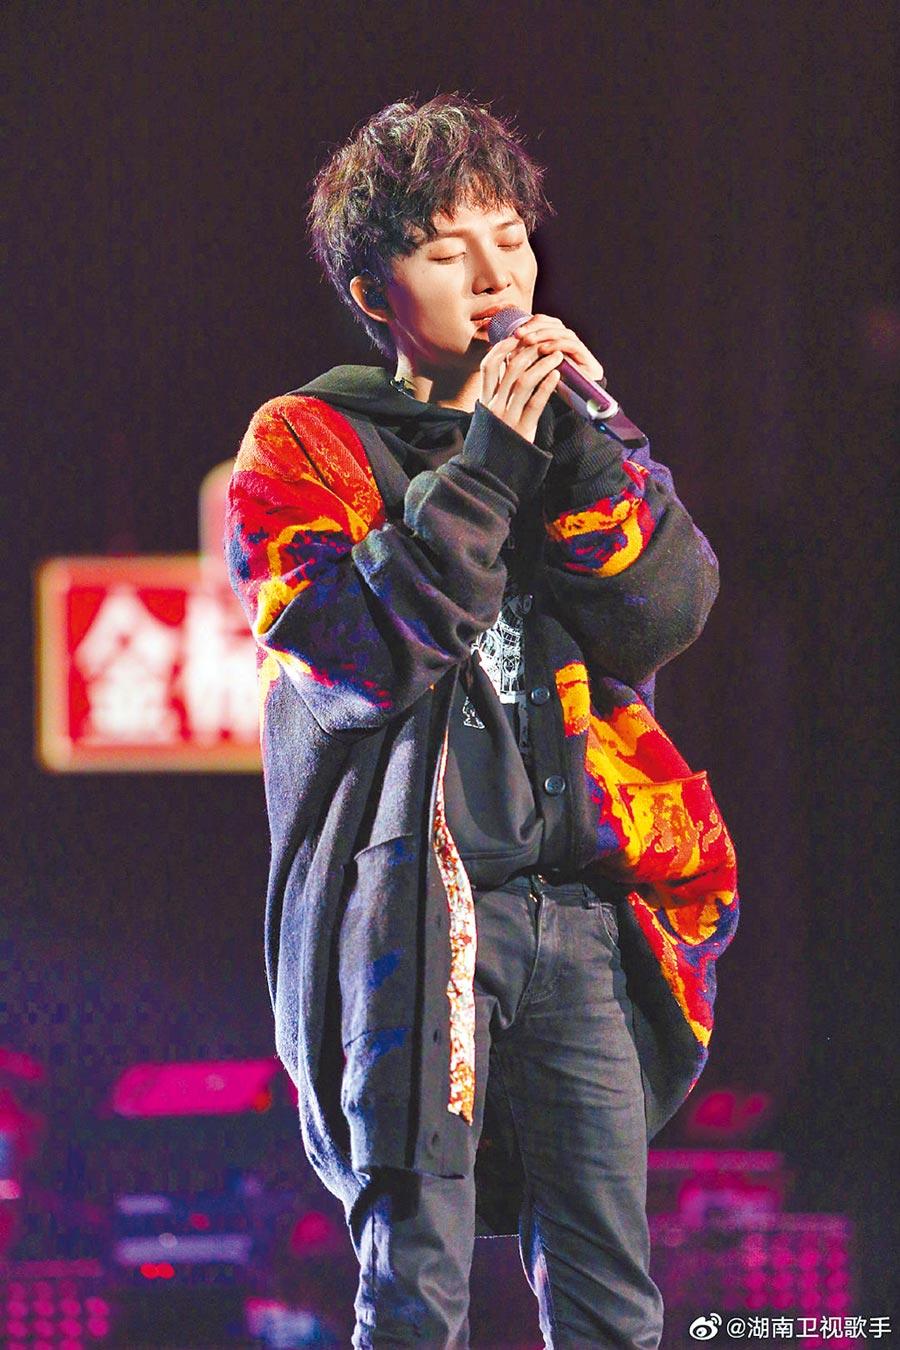 周深在湖南衛視《歌手‧當打之年》節目中大展歌喉。(翻攝微博)